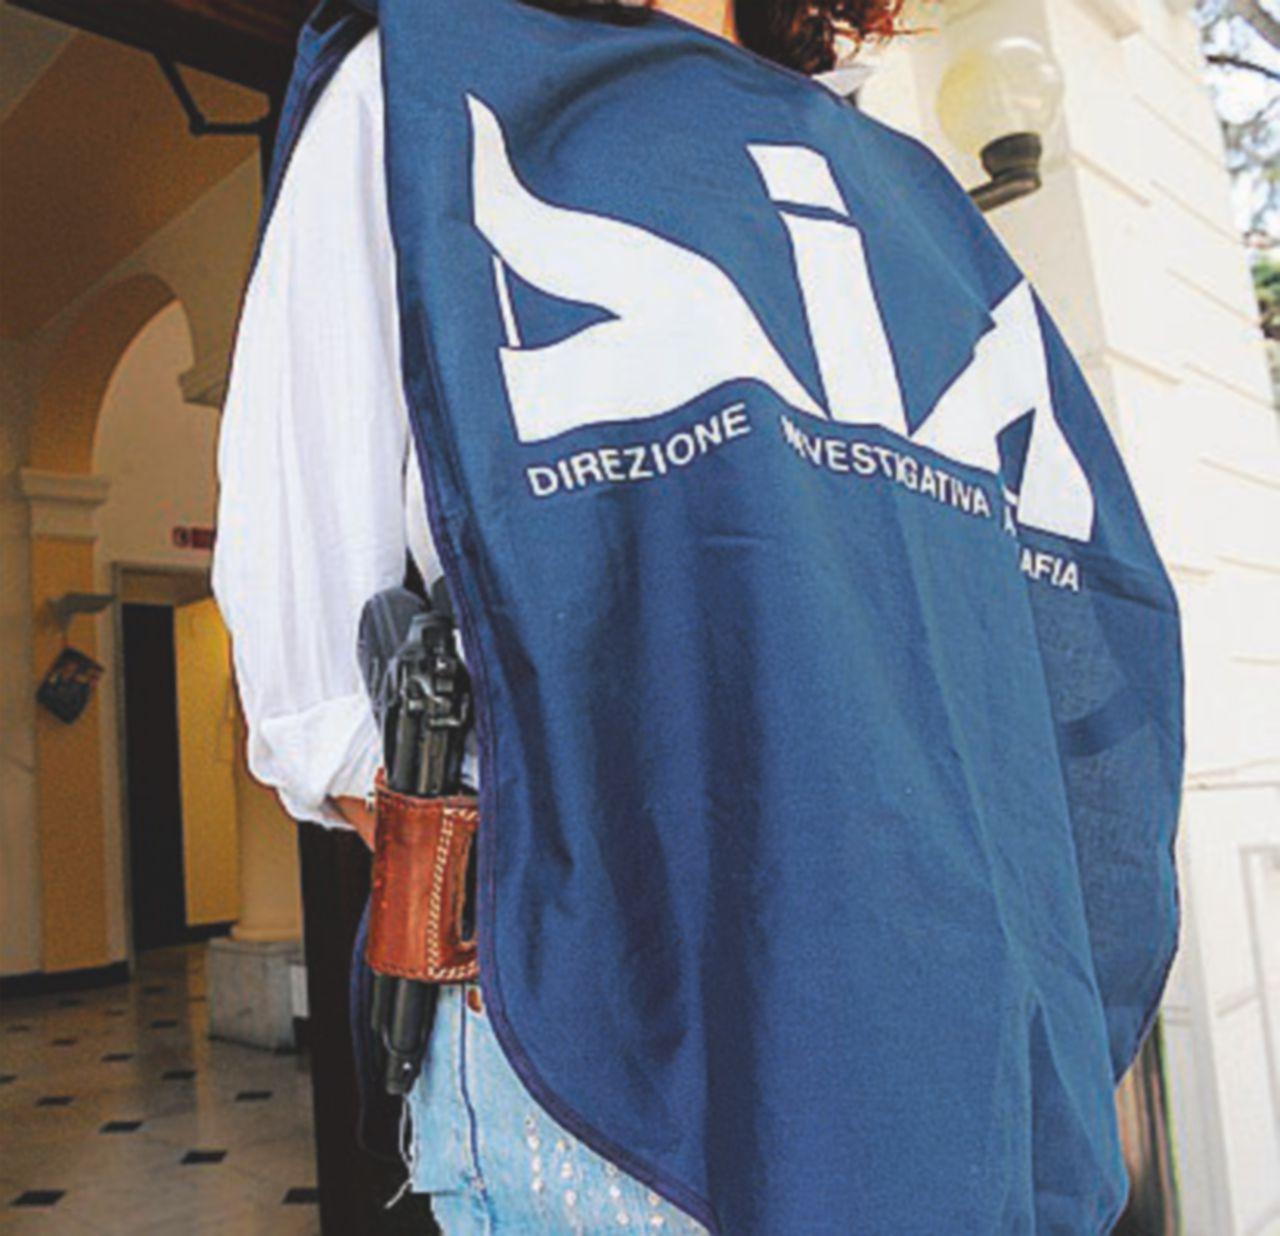 Traffico di rifiuti e pax mafiosa: in carcere anche un giornalista